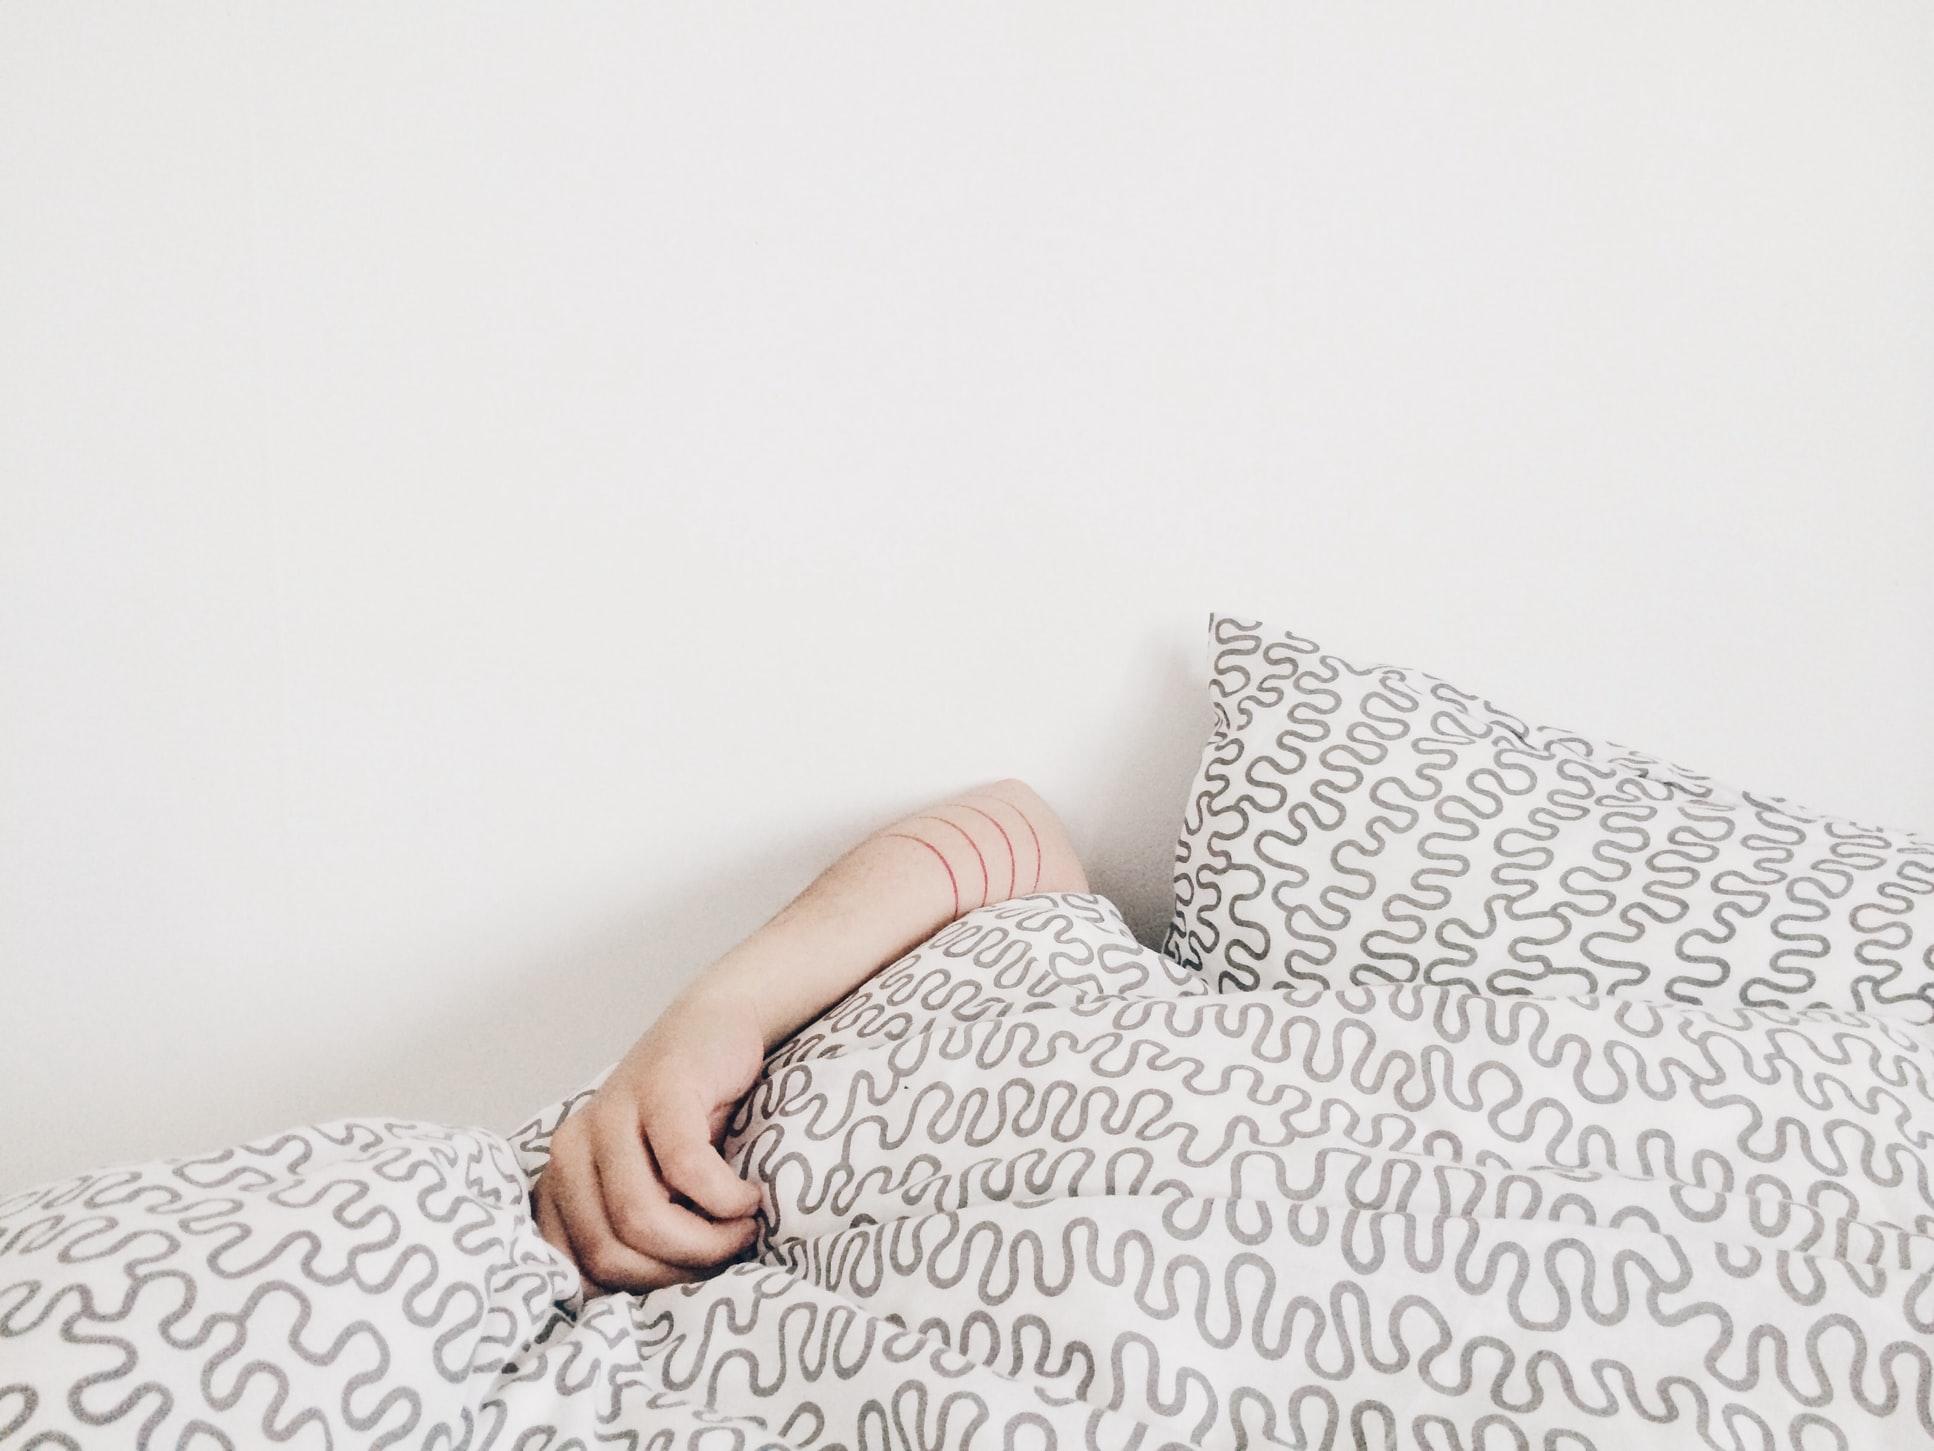 Comment lutter contre l'insomnie - Les bonnes habitudes à prendre